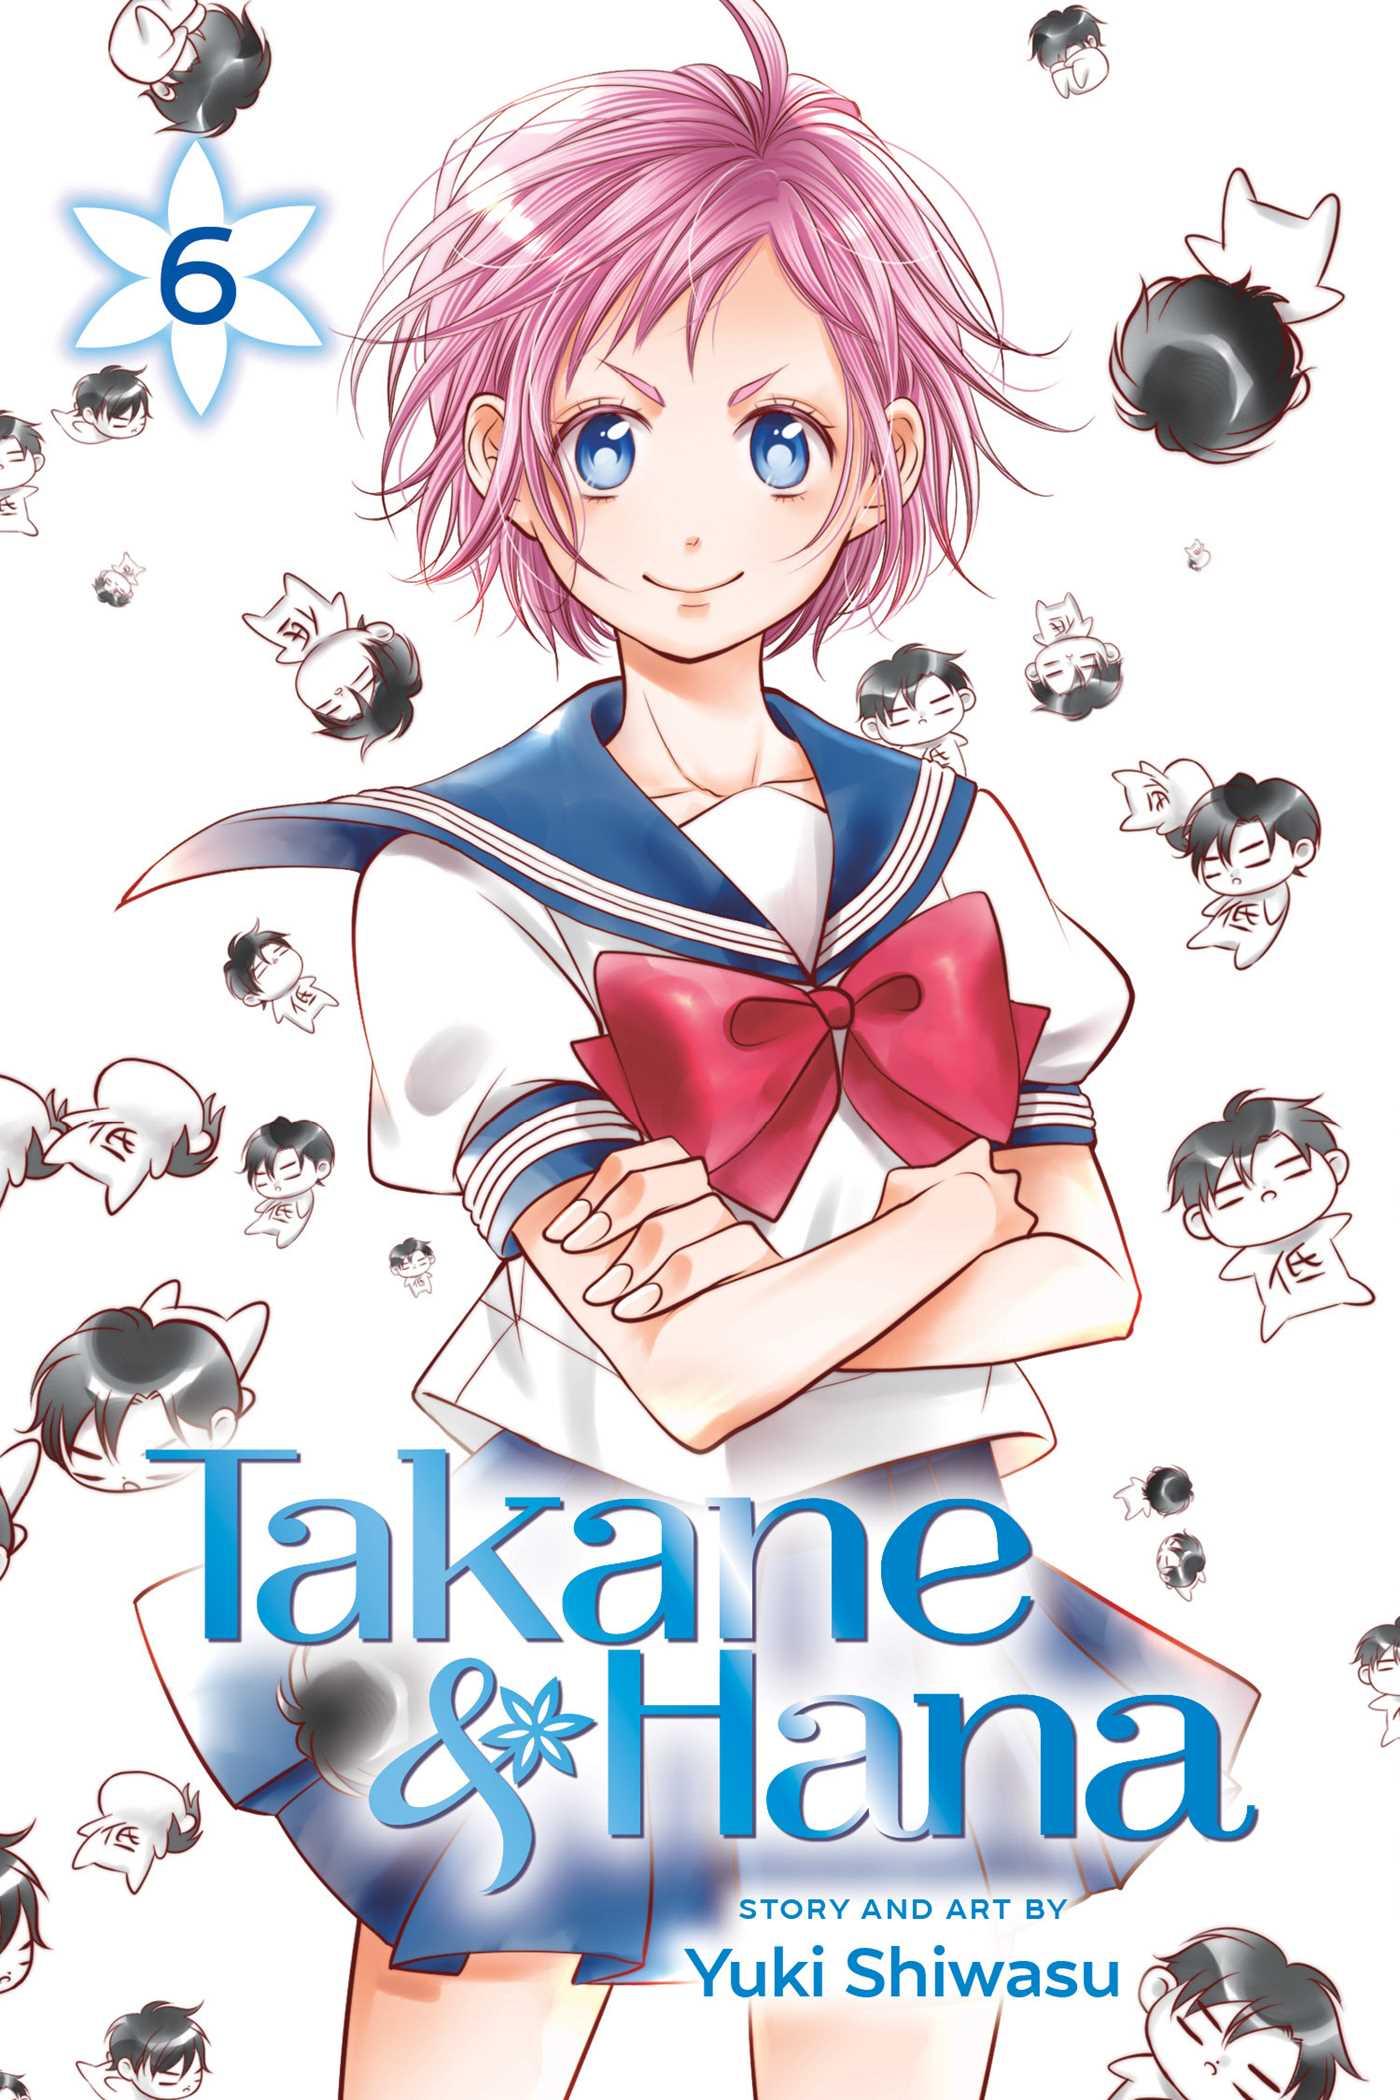 Takane hana vol 6 9781421599052 hr